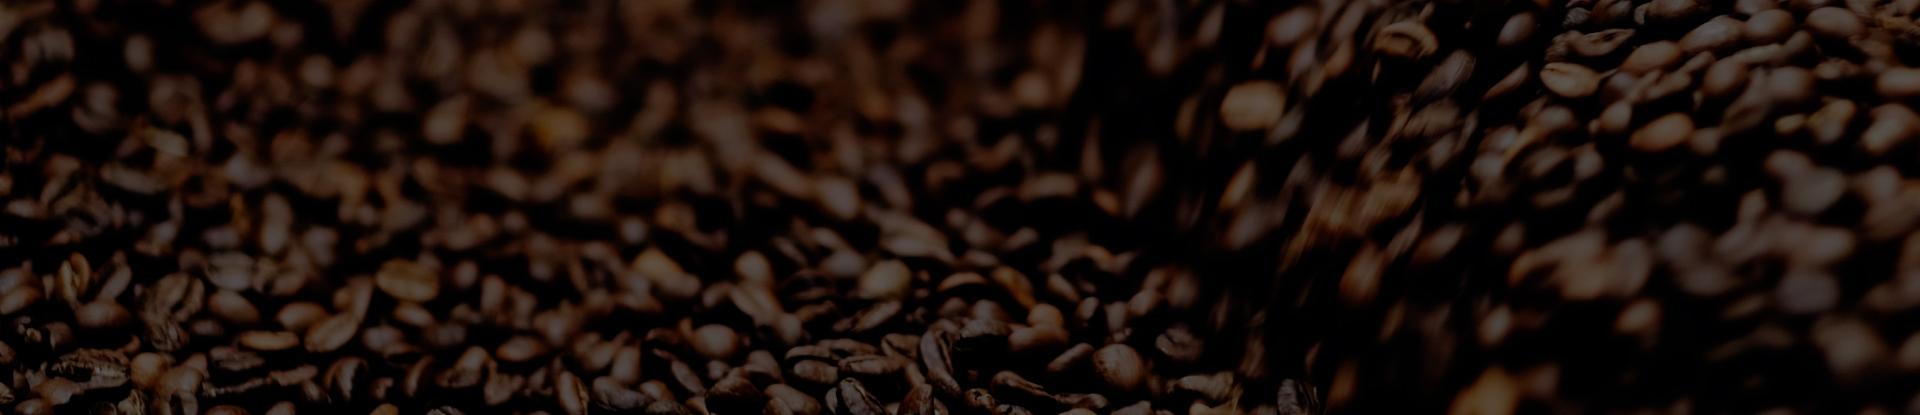 Хороший кофе с выгодой